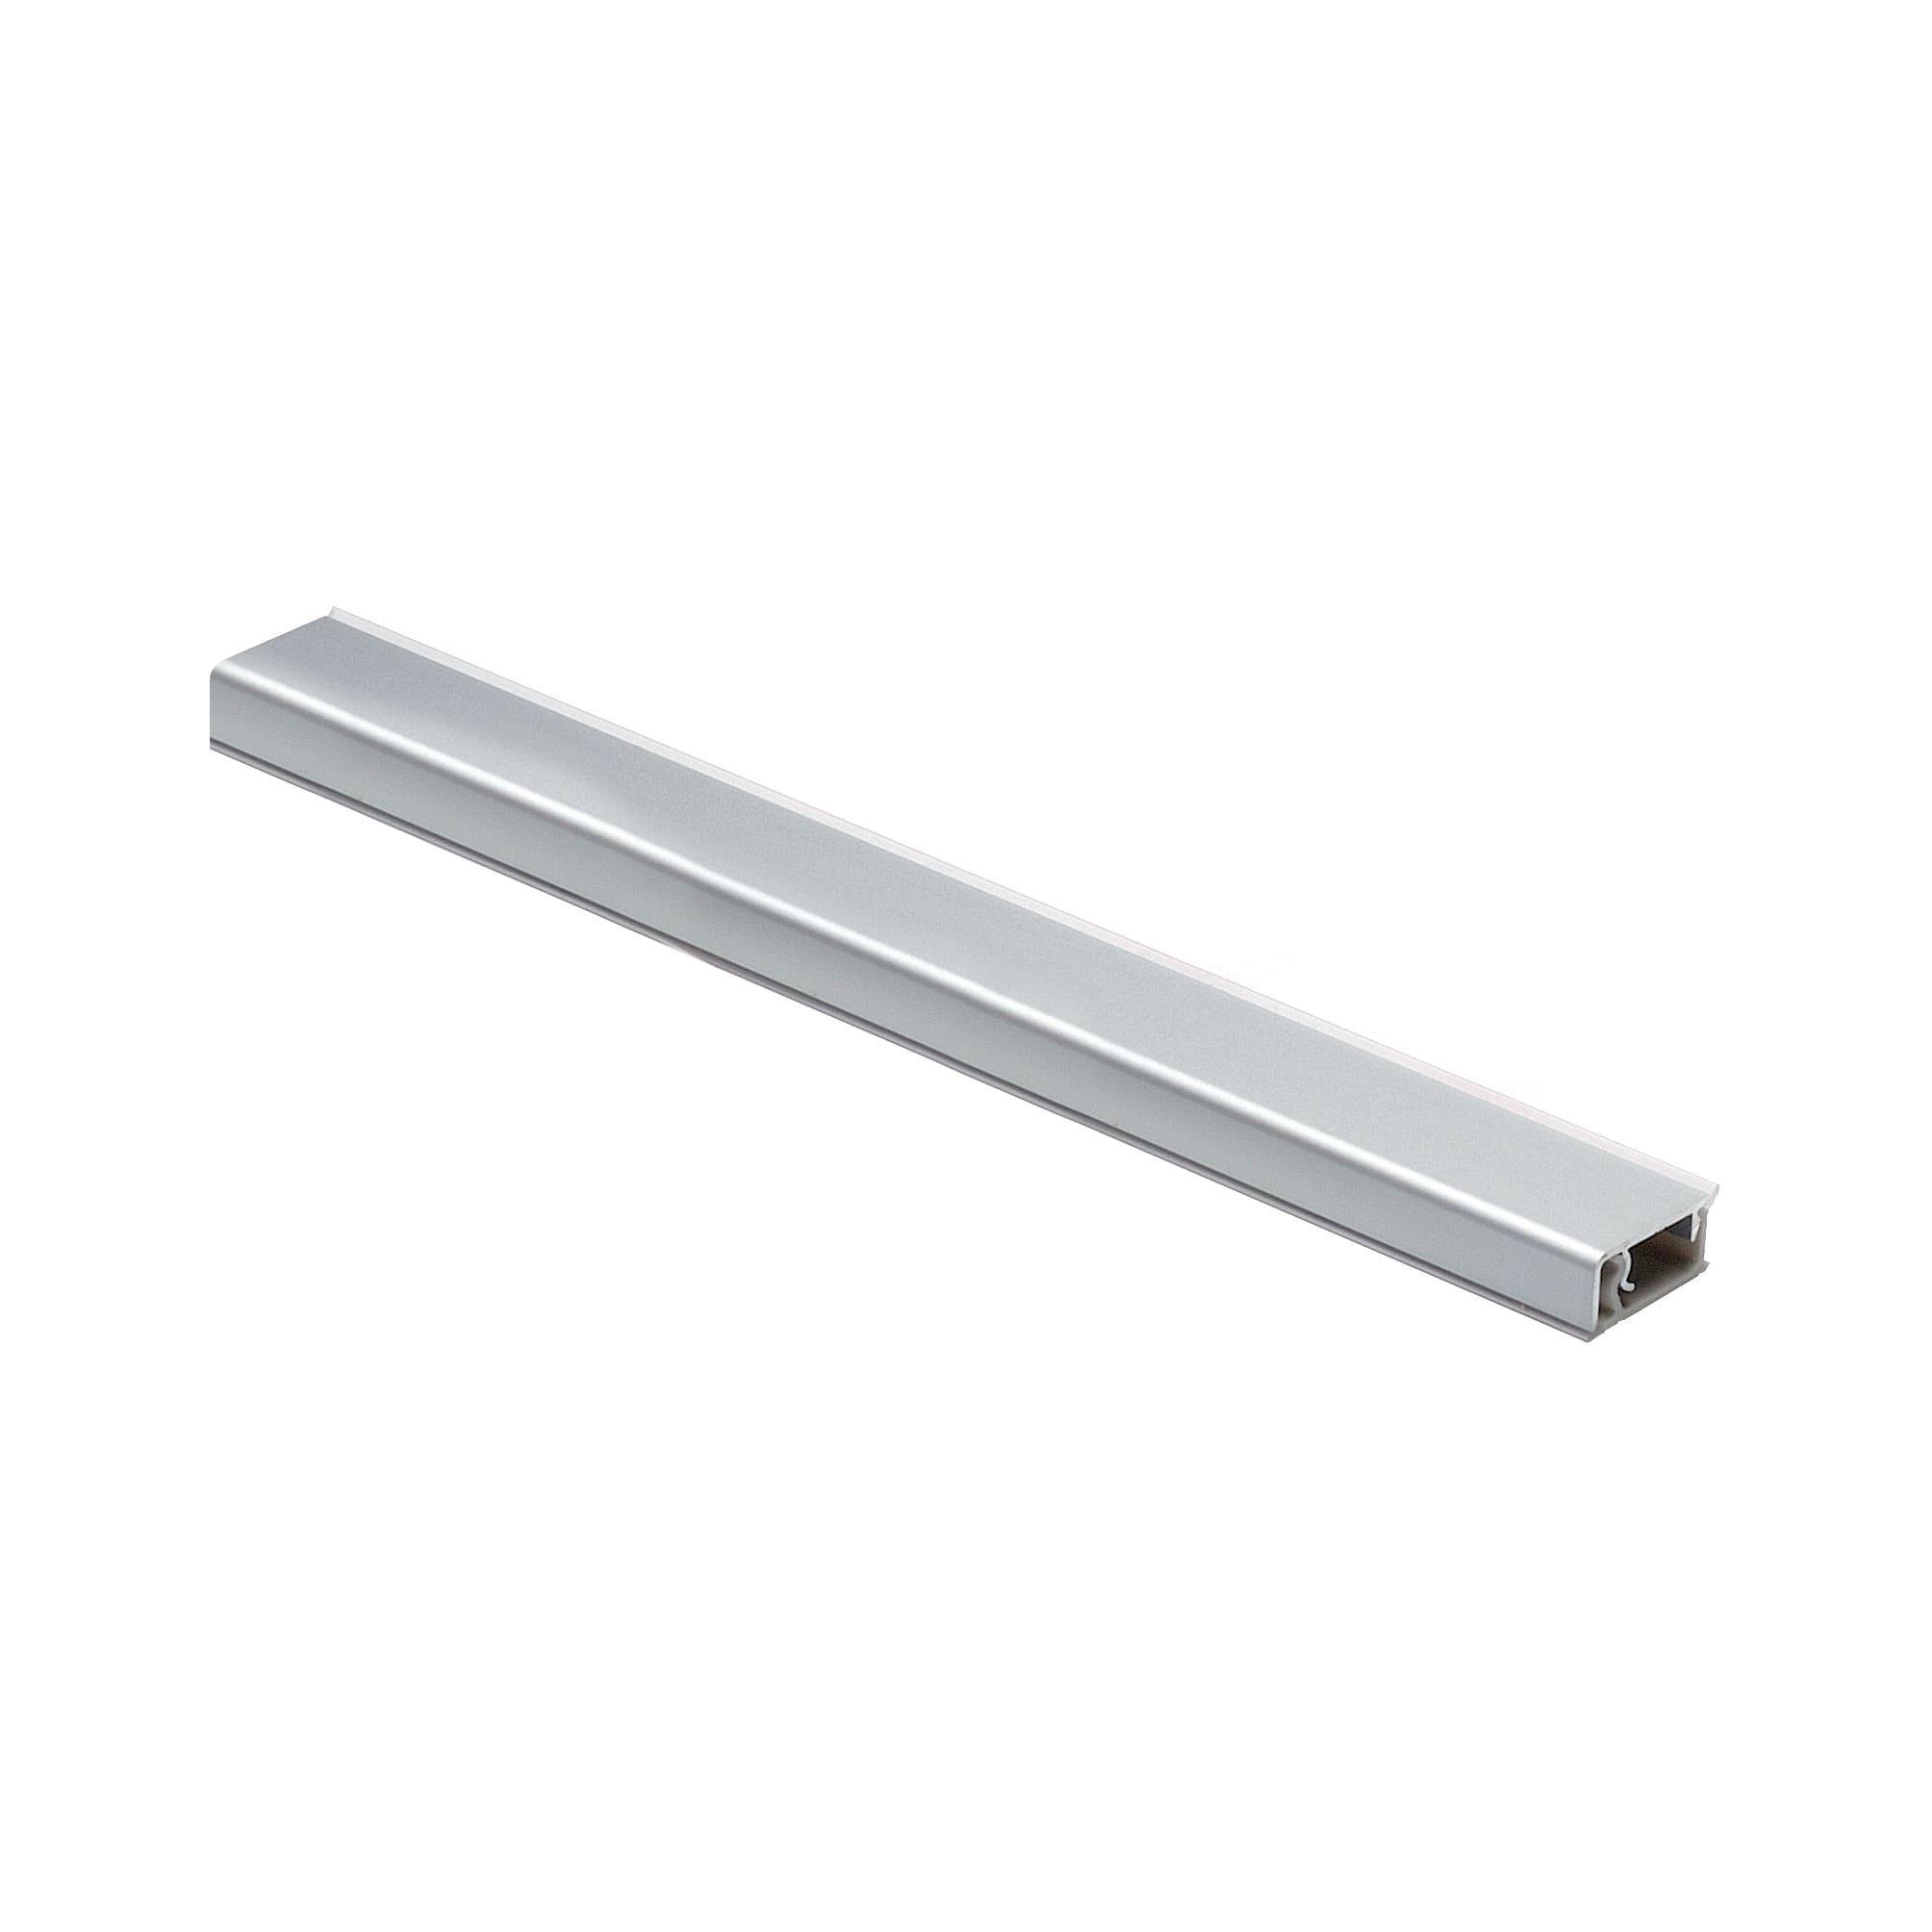 Alzatina Alluminio Per Cucina alzatina alluminio grigio l 300 x sp 1.2 cm